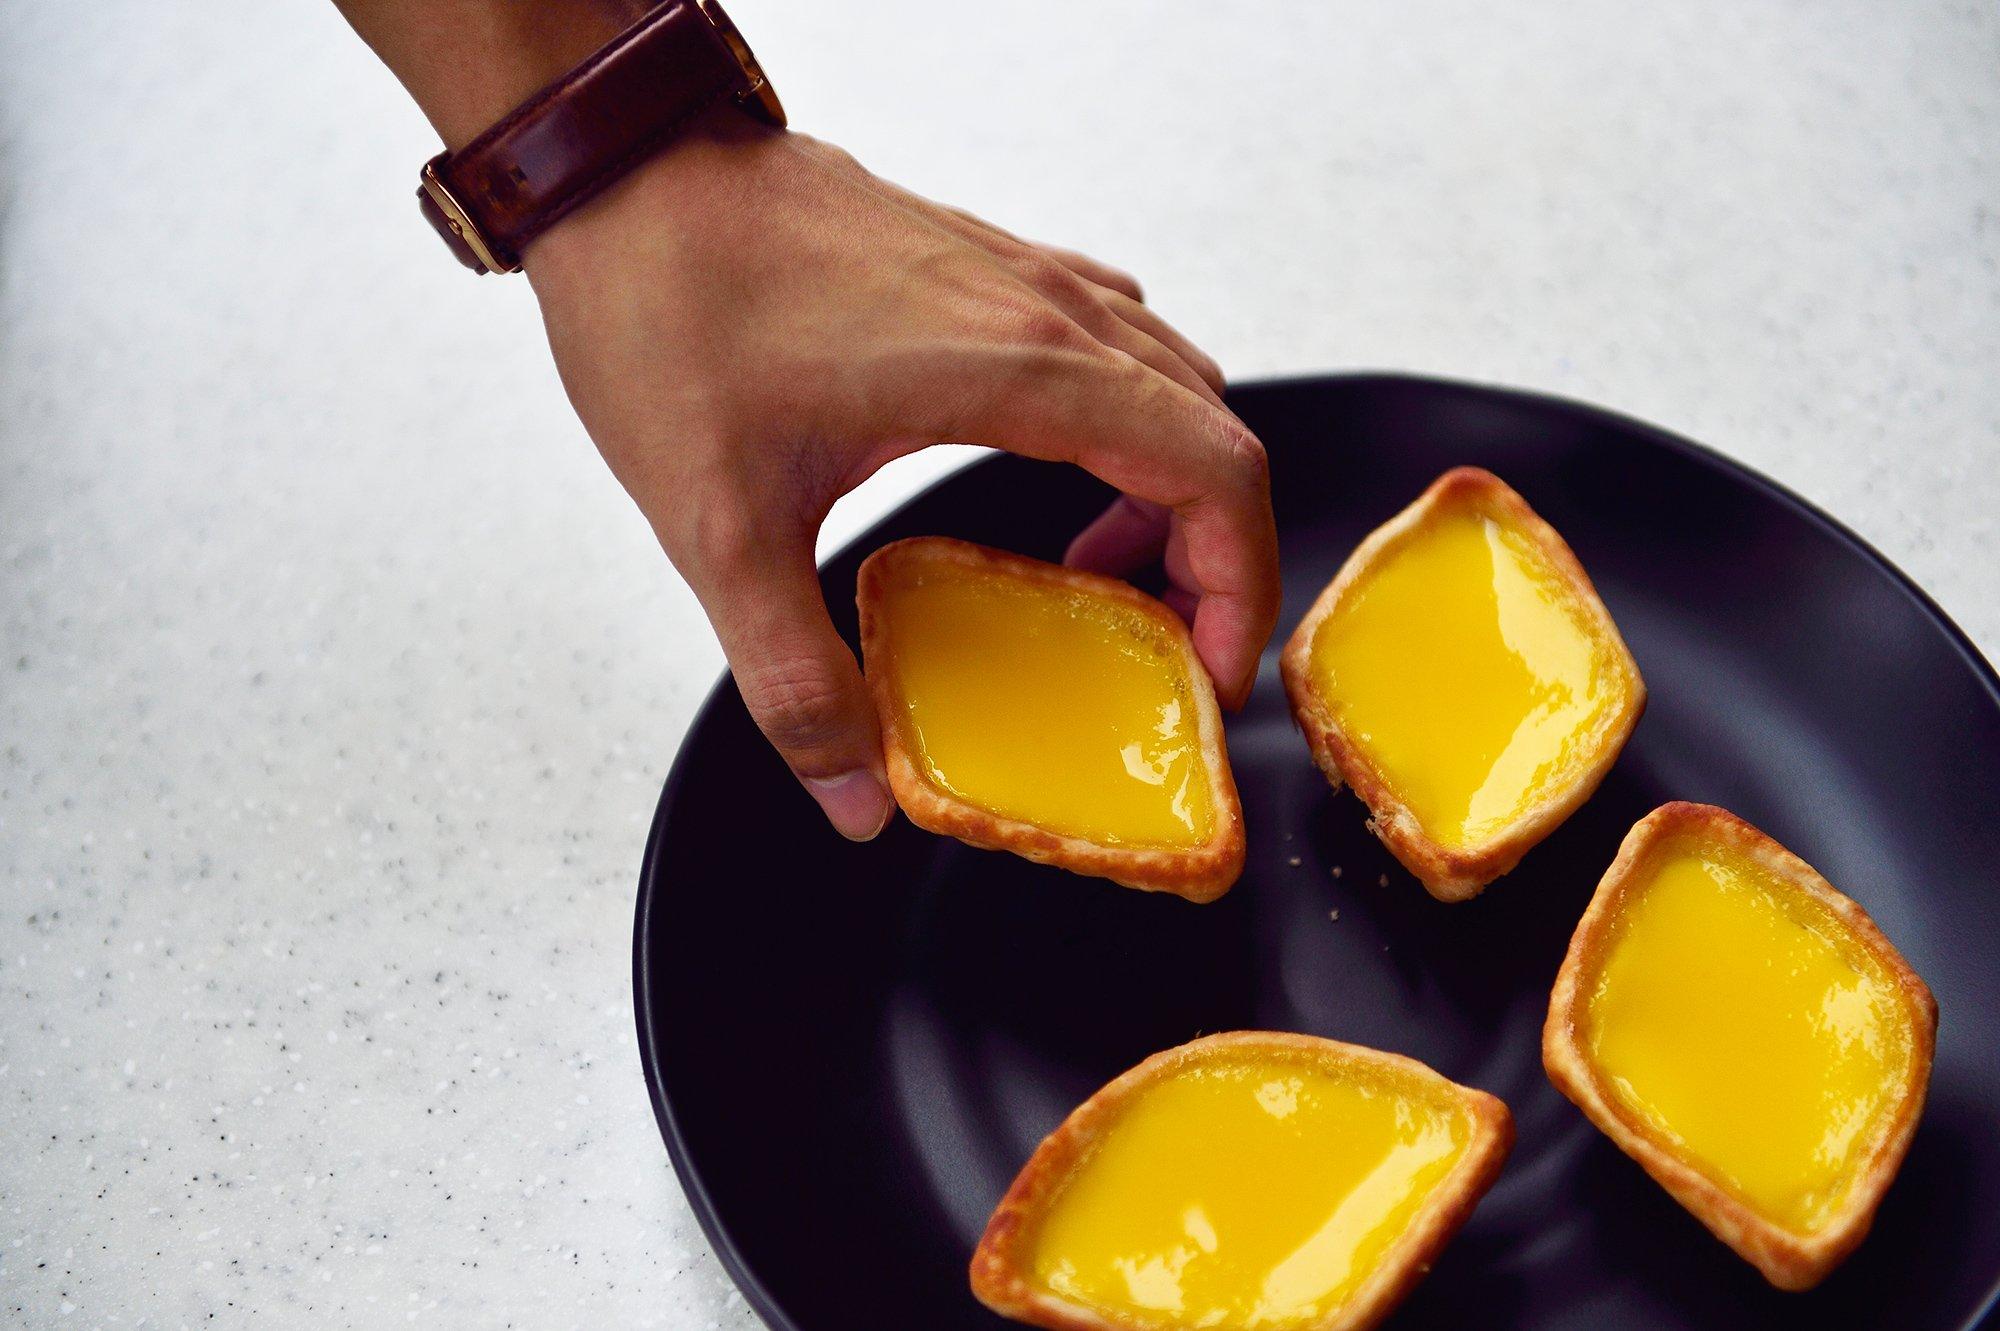 Get your quick fix at Tong Heng Egg Tarts